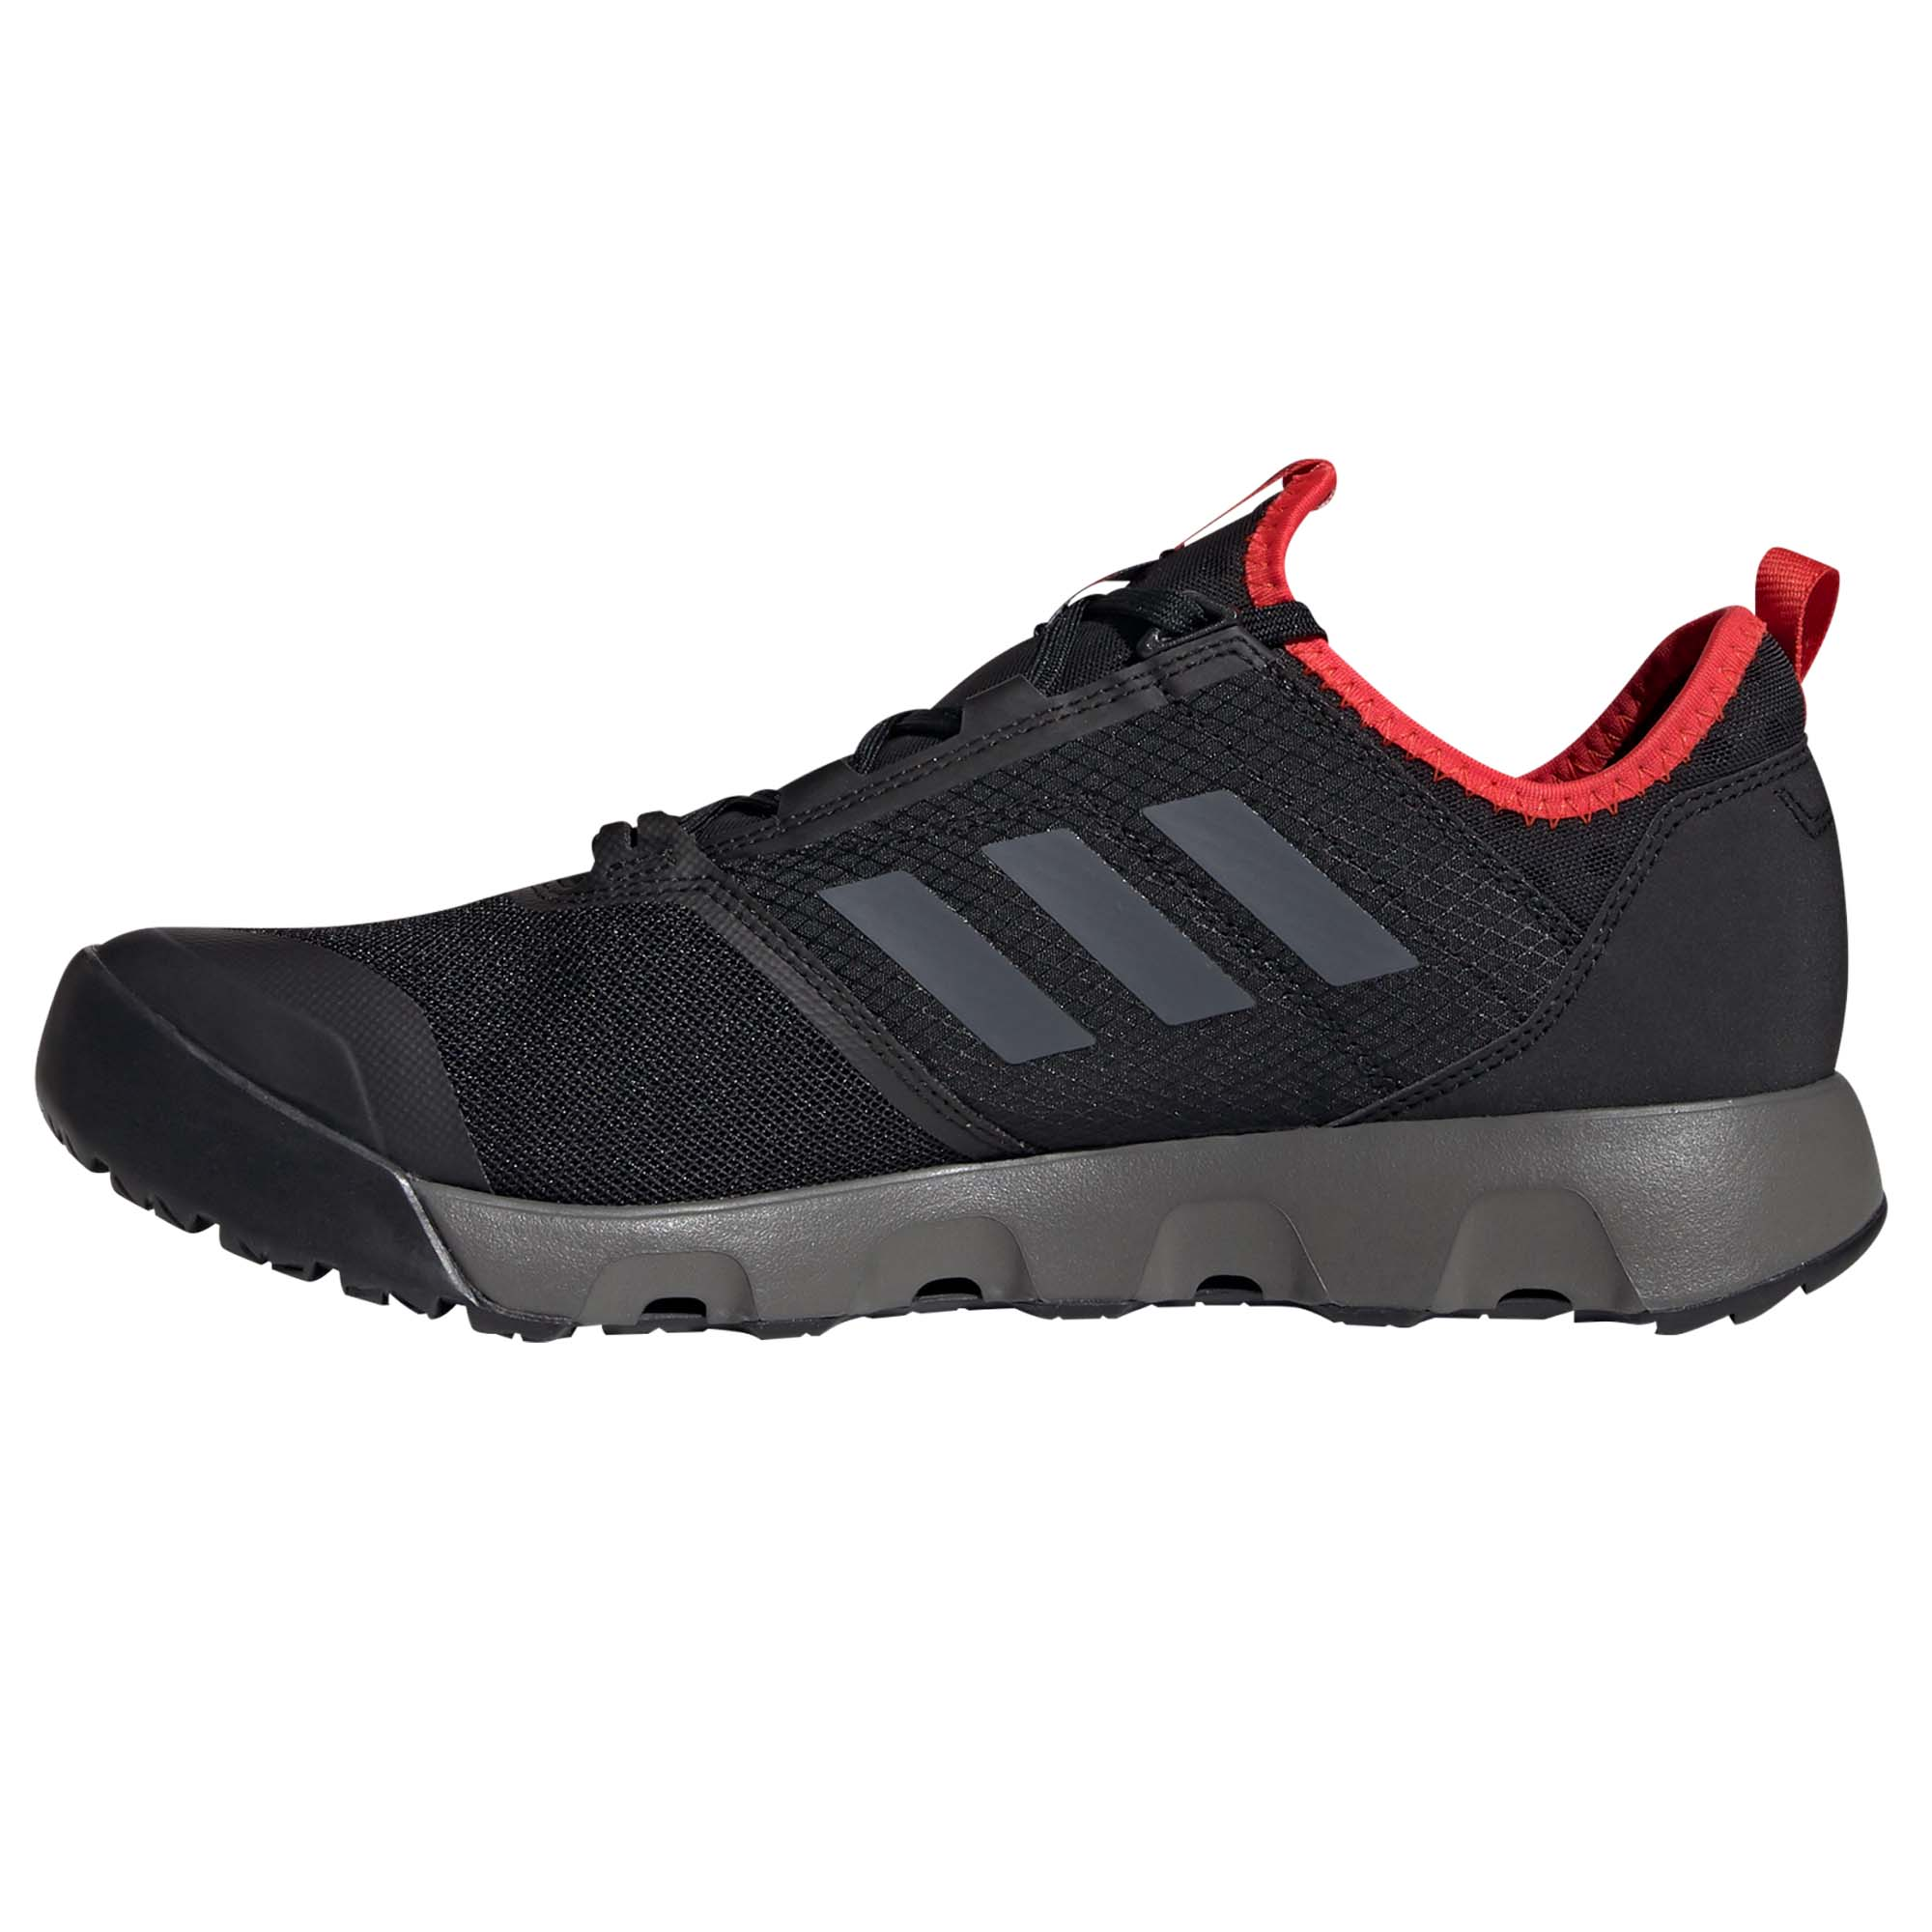 miniatura 8 - ADIDAS Terrex VOYAGER Velocità Da Uomo Scarpa Trail Running Scarpe da ginnastica nero/grigio/rosso